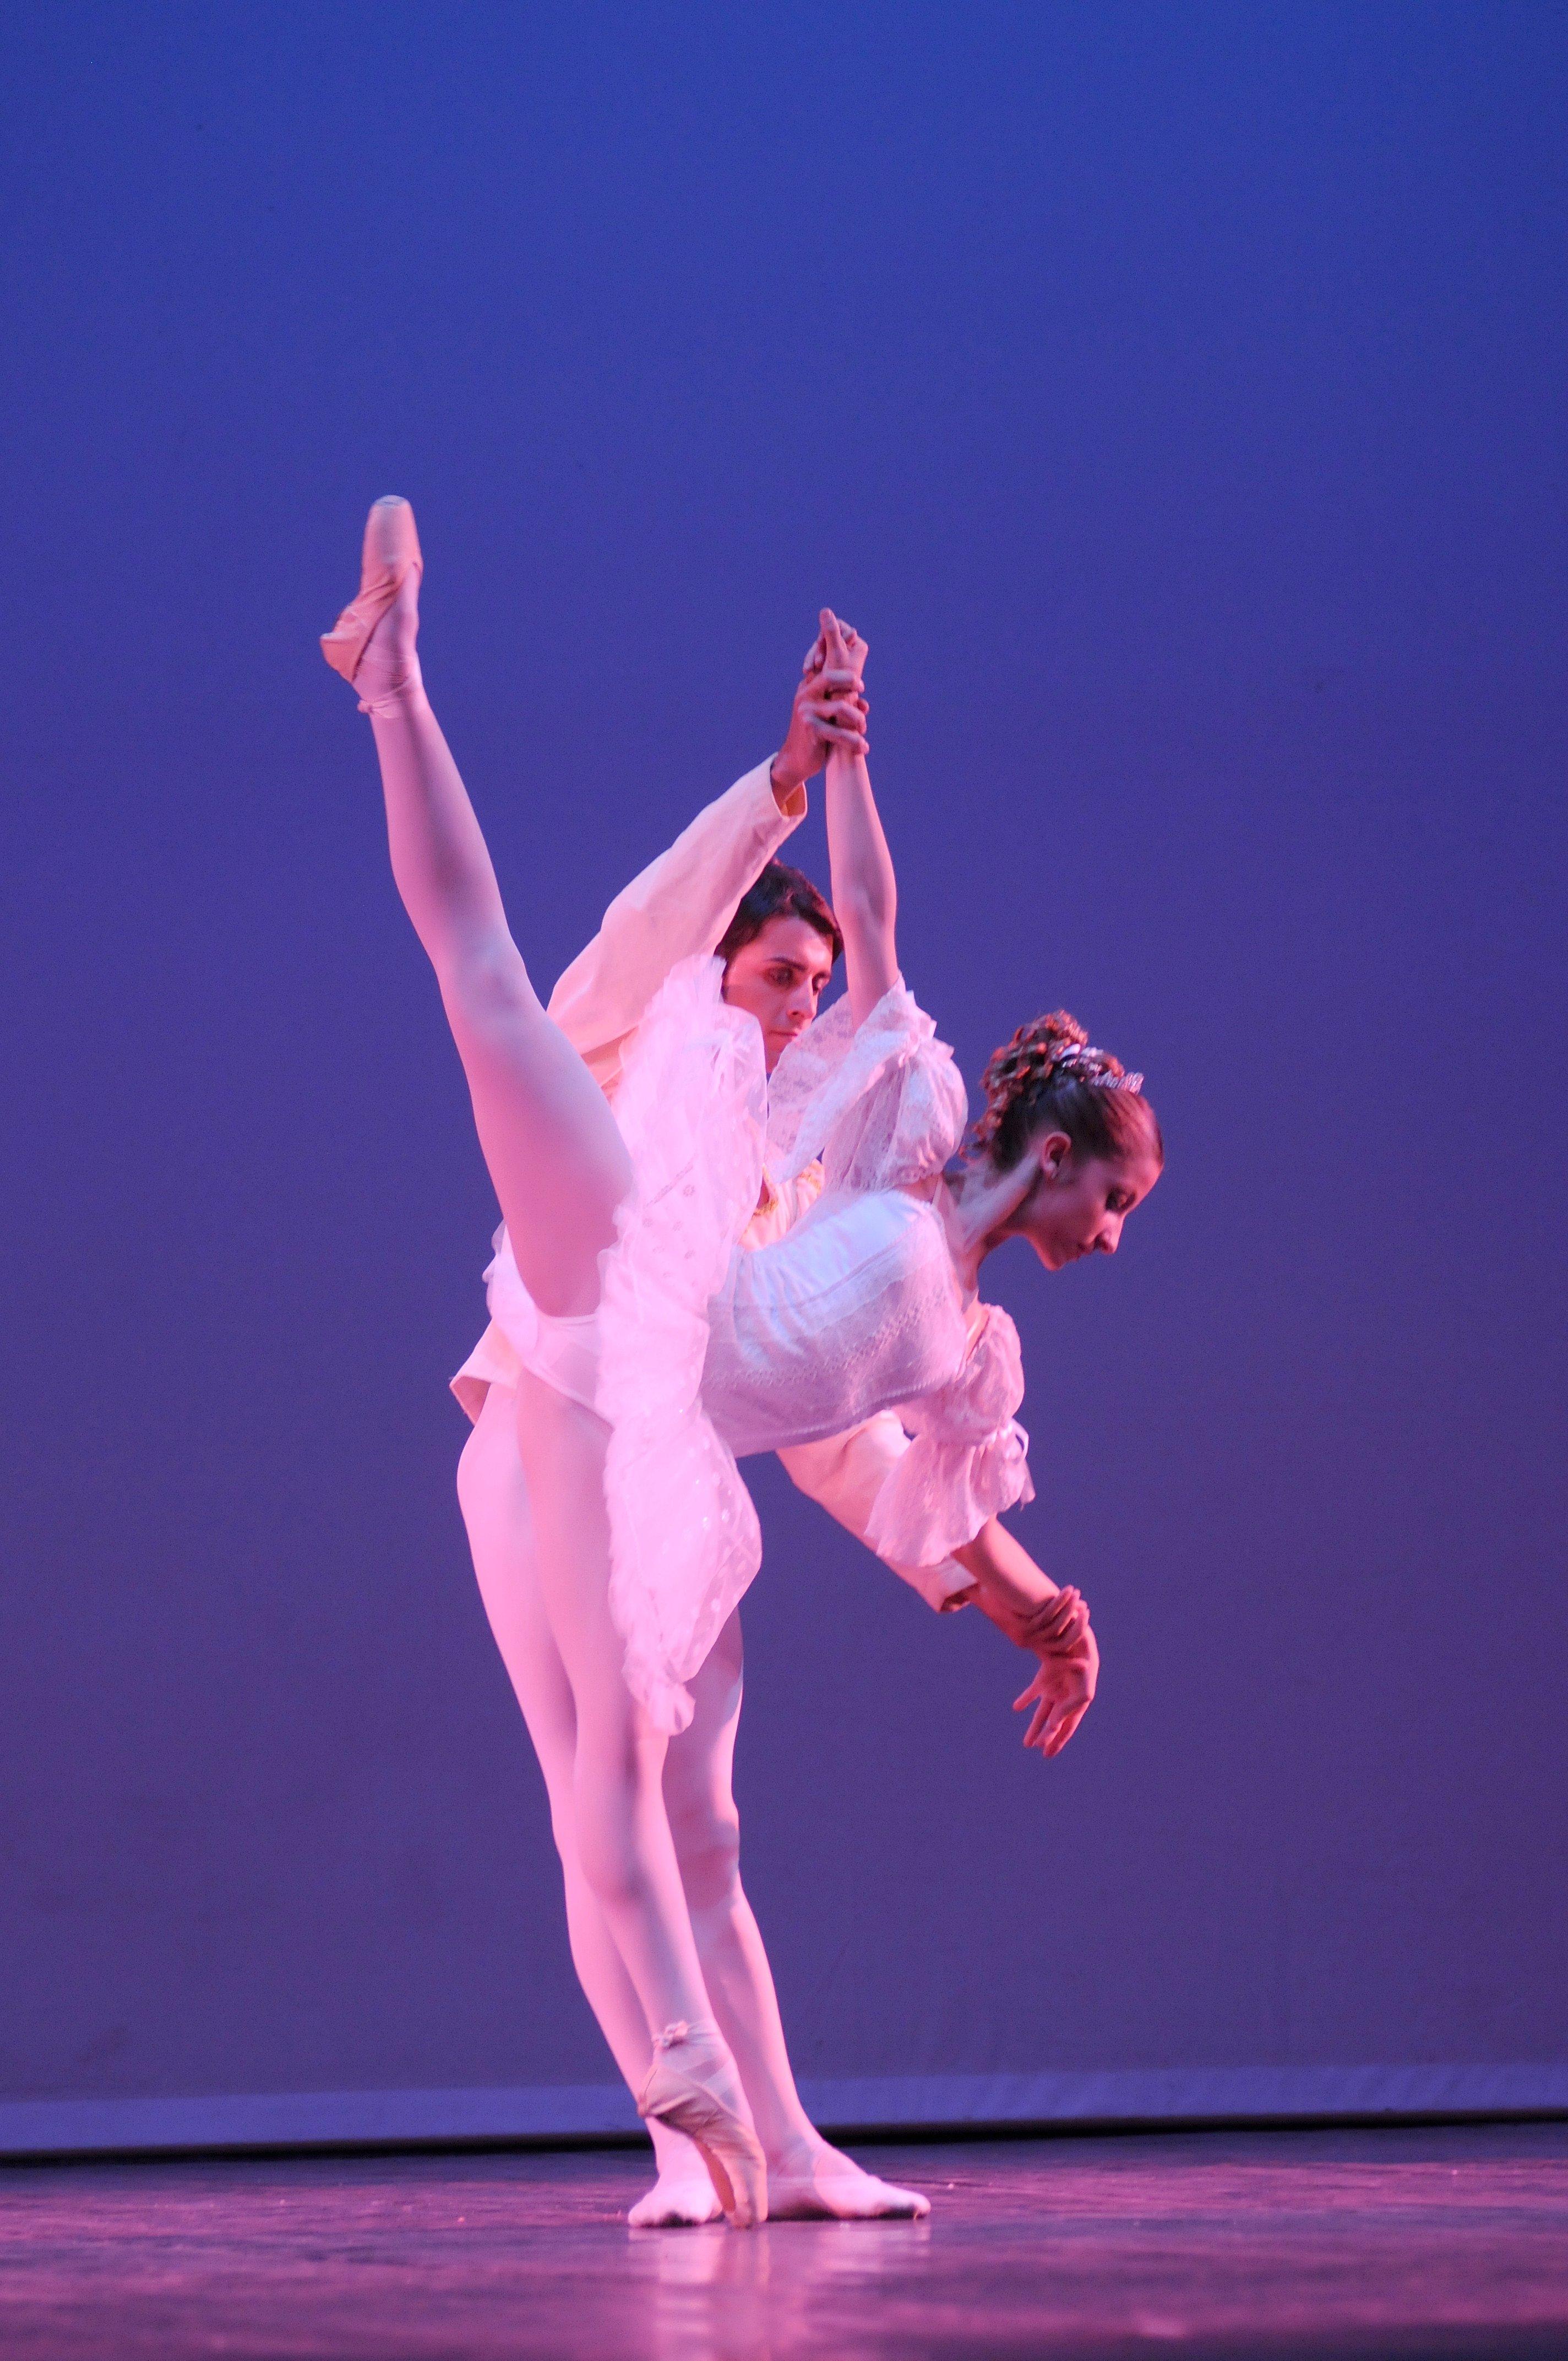 una coppia di ballerini vestiti di bianco mentre danzano